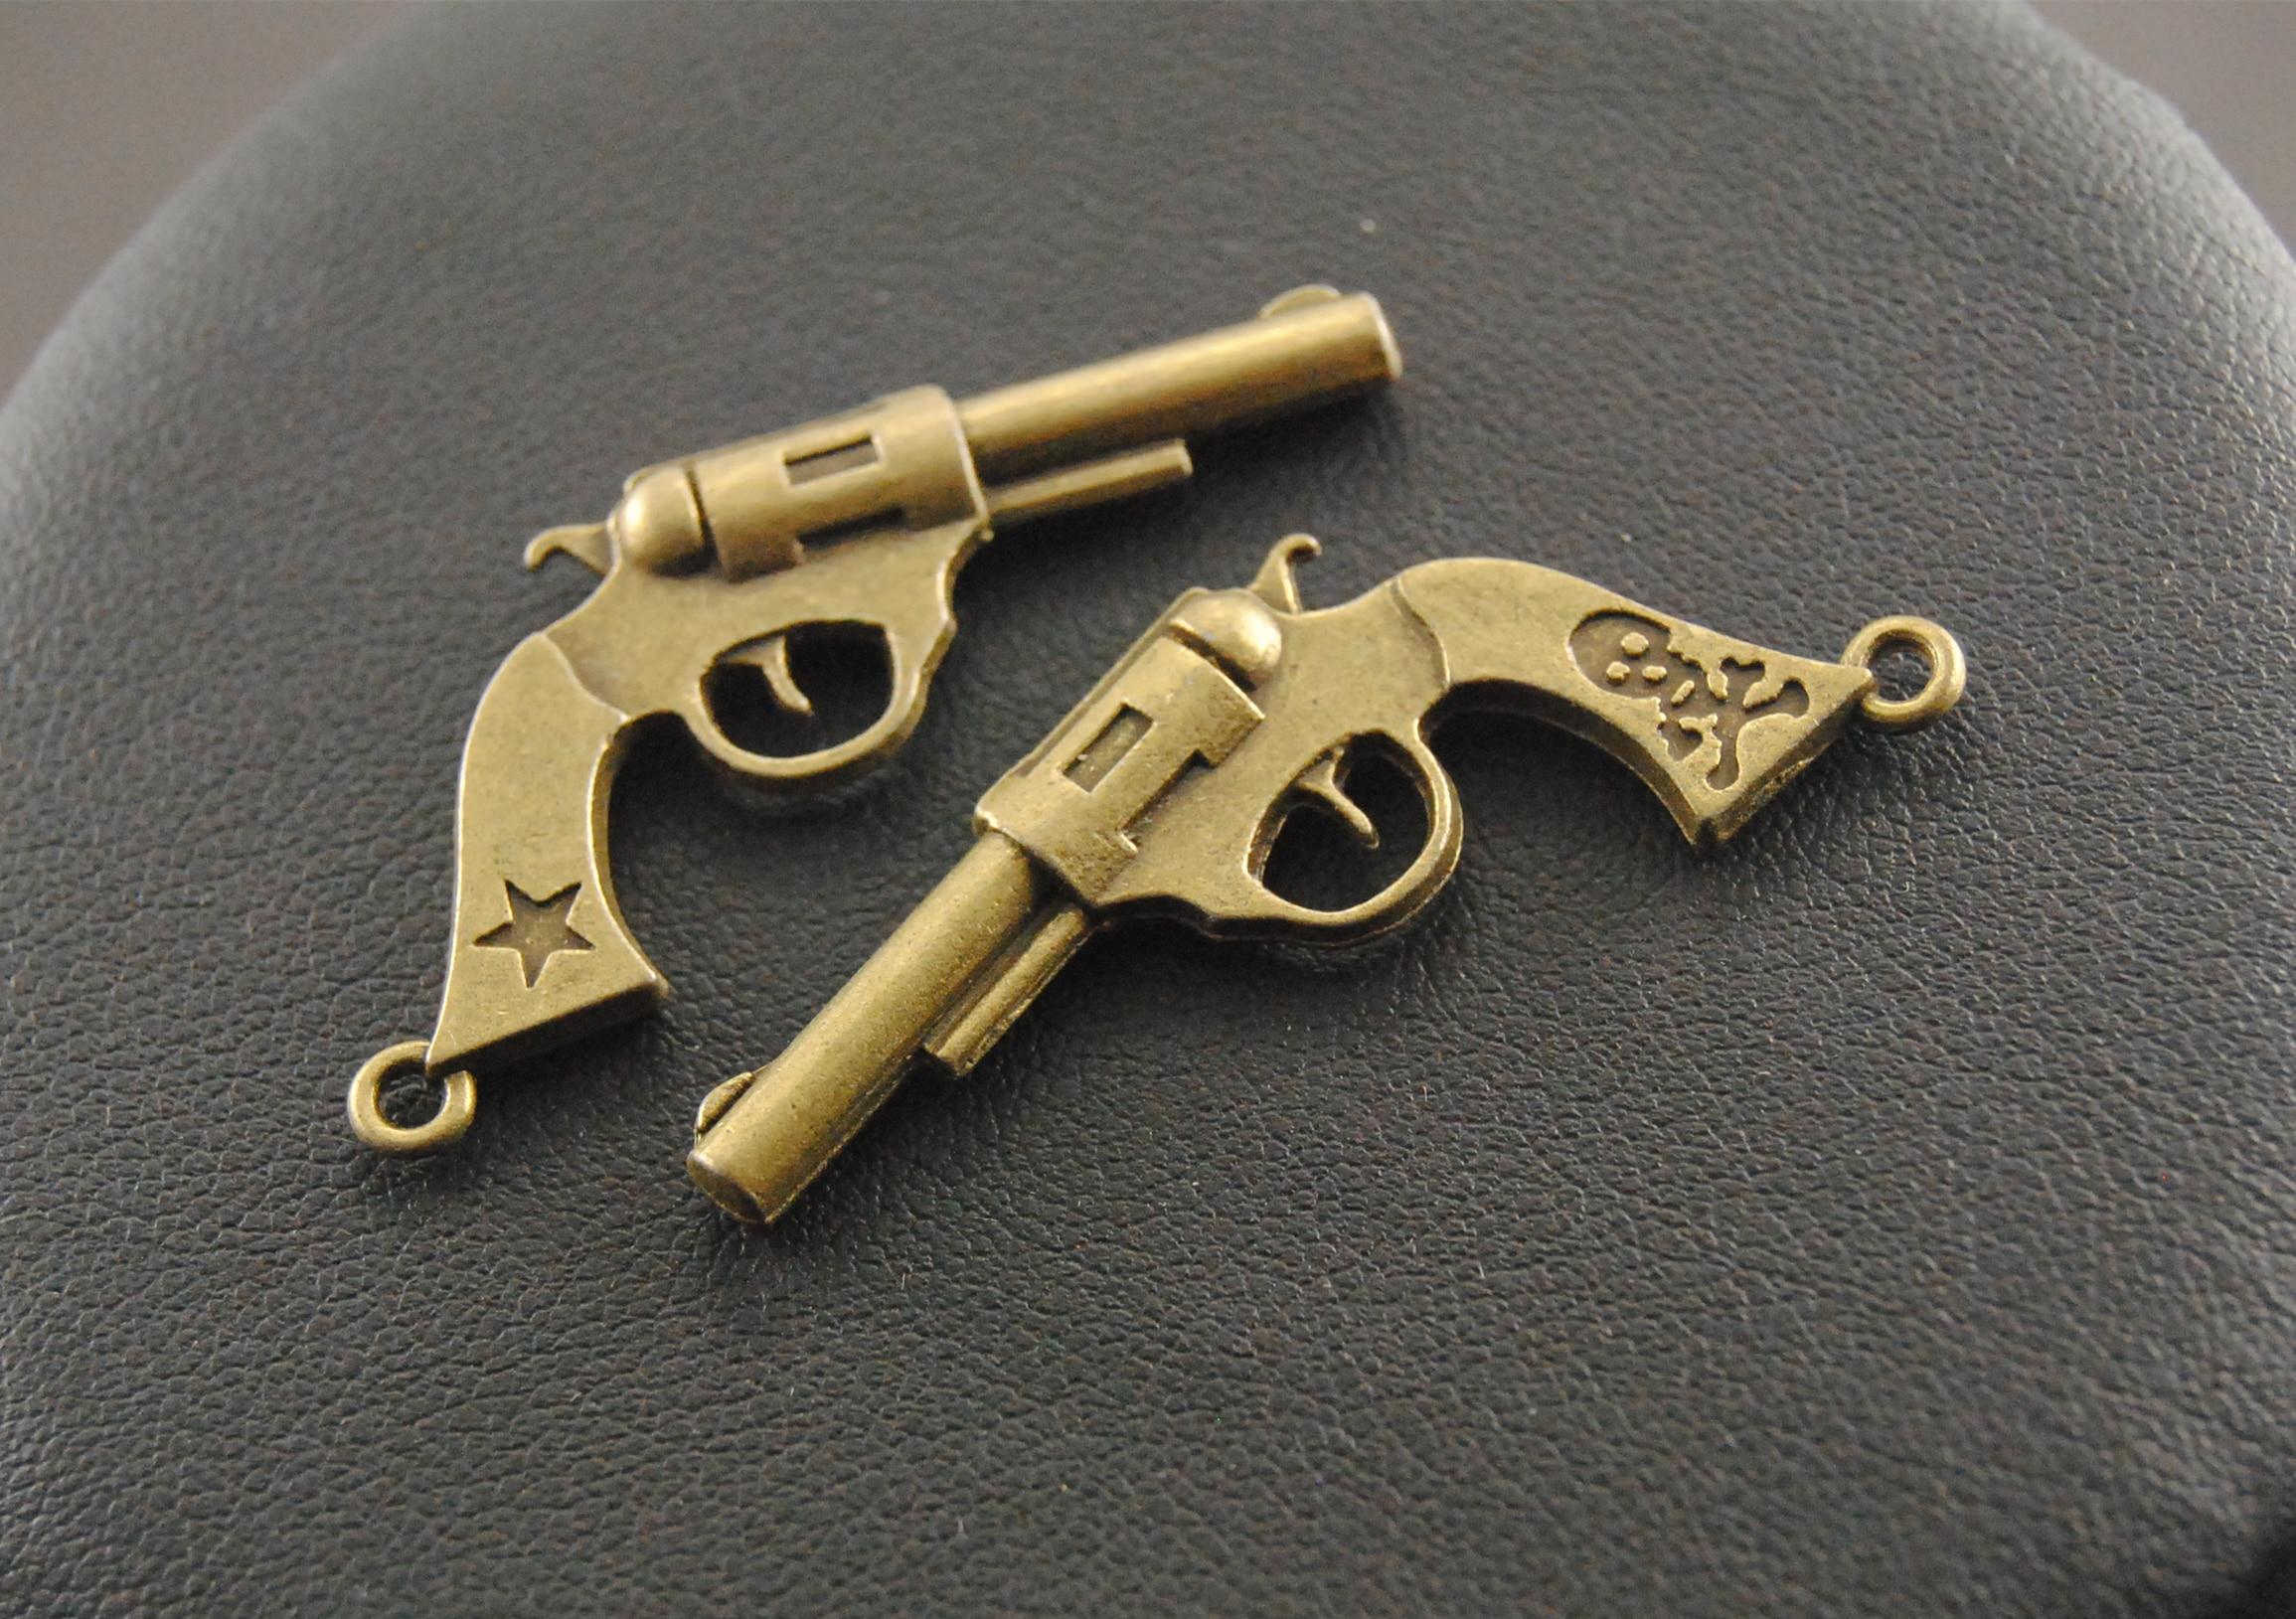 Accessoires Salle De Bain Charme ~  5 pcs antique bronze r tro pistolet pendentif t l phone